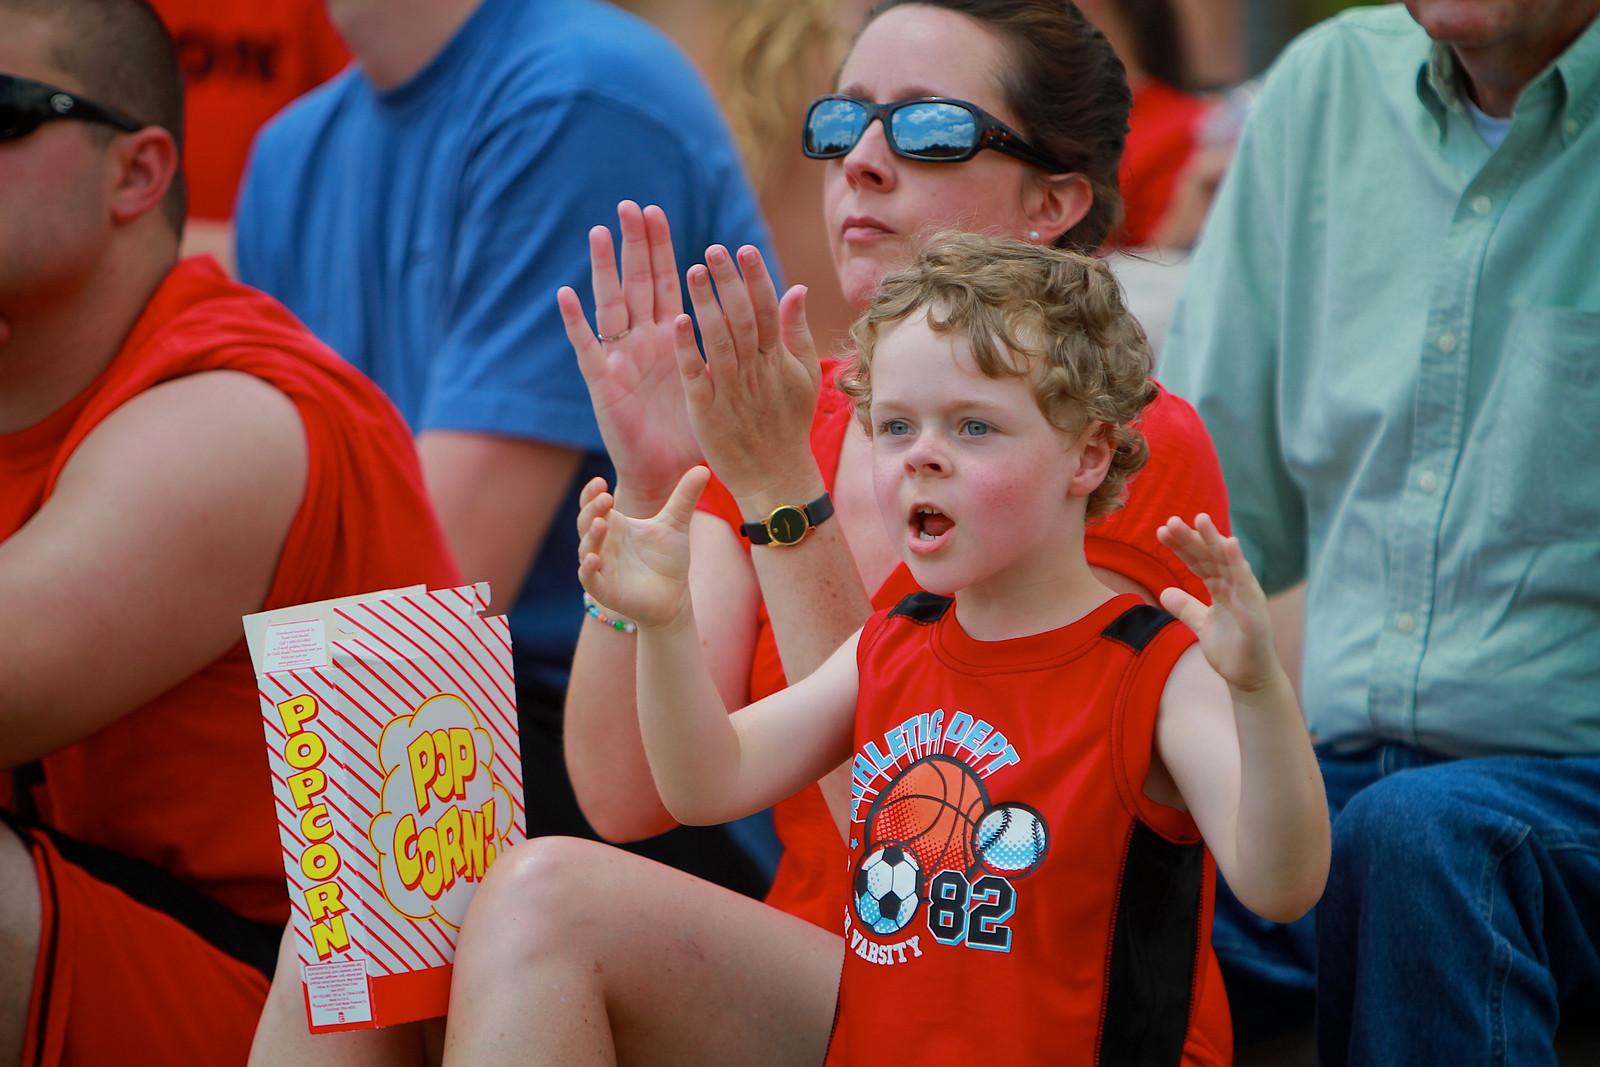 Child cheering at baseball game